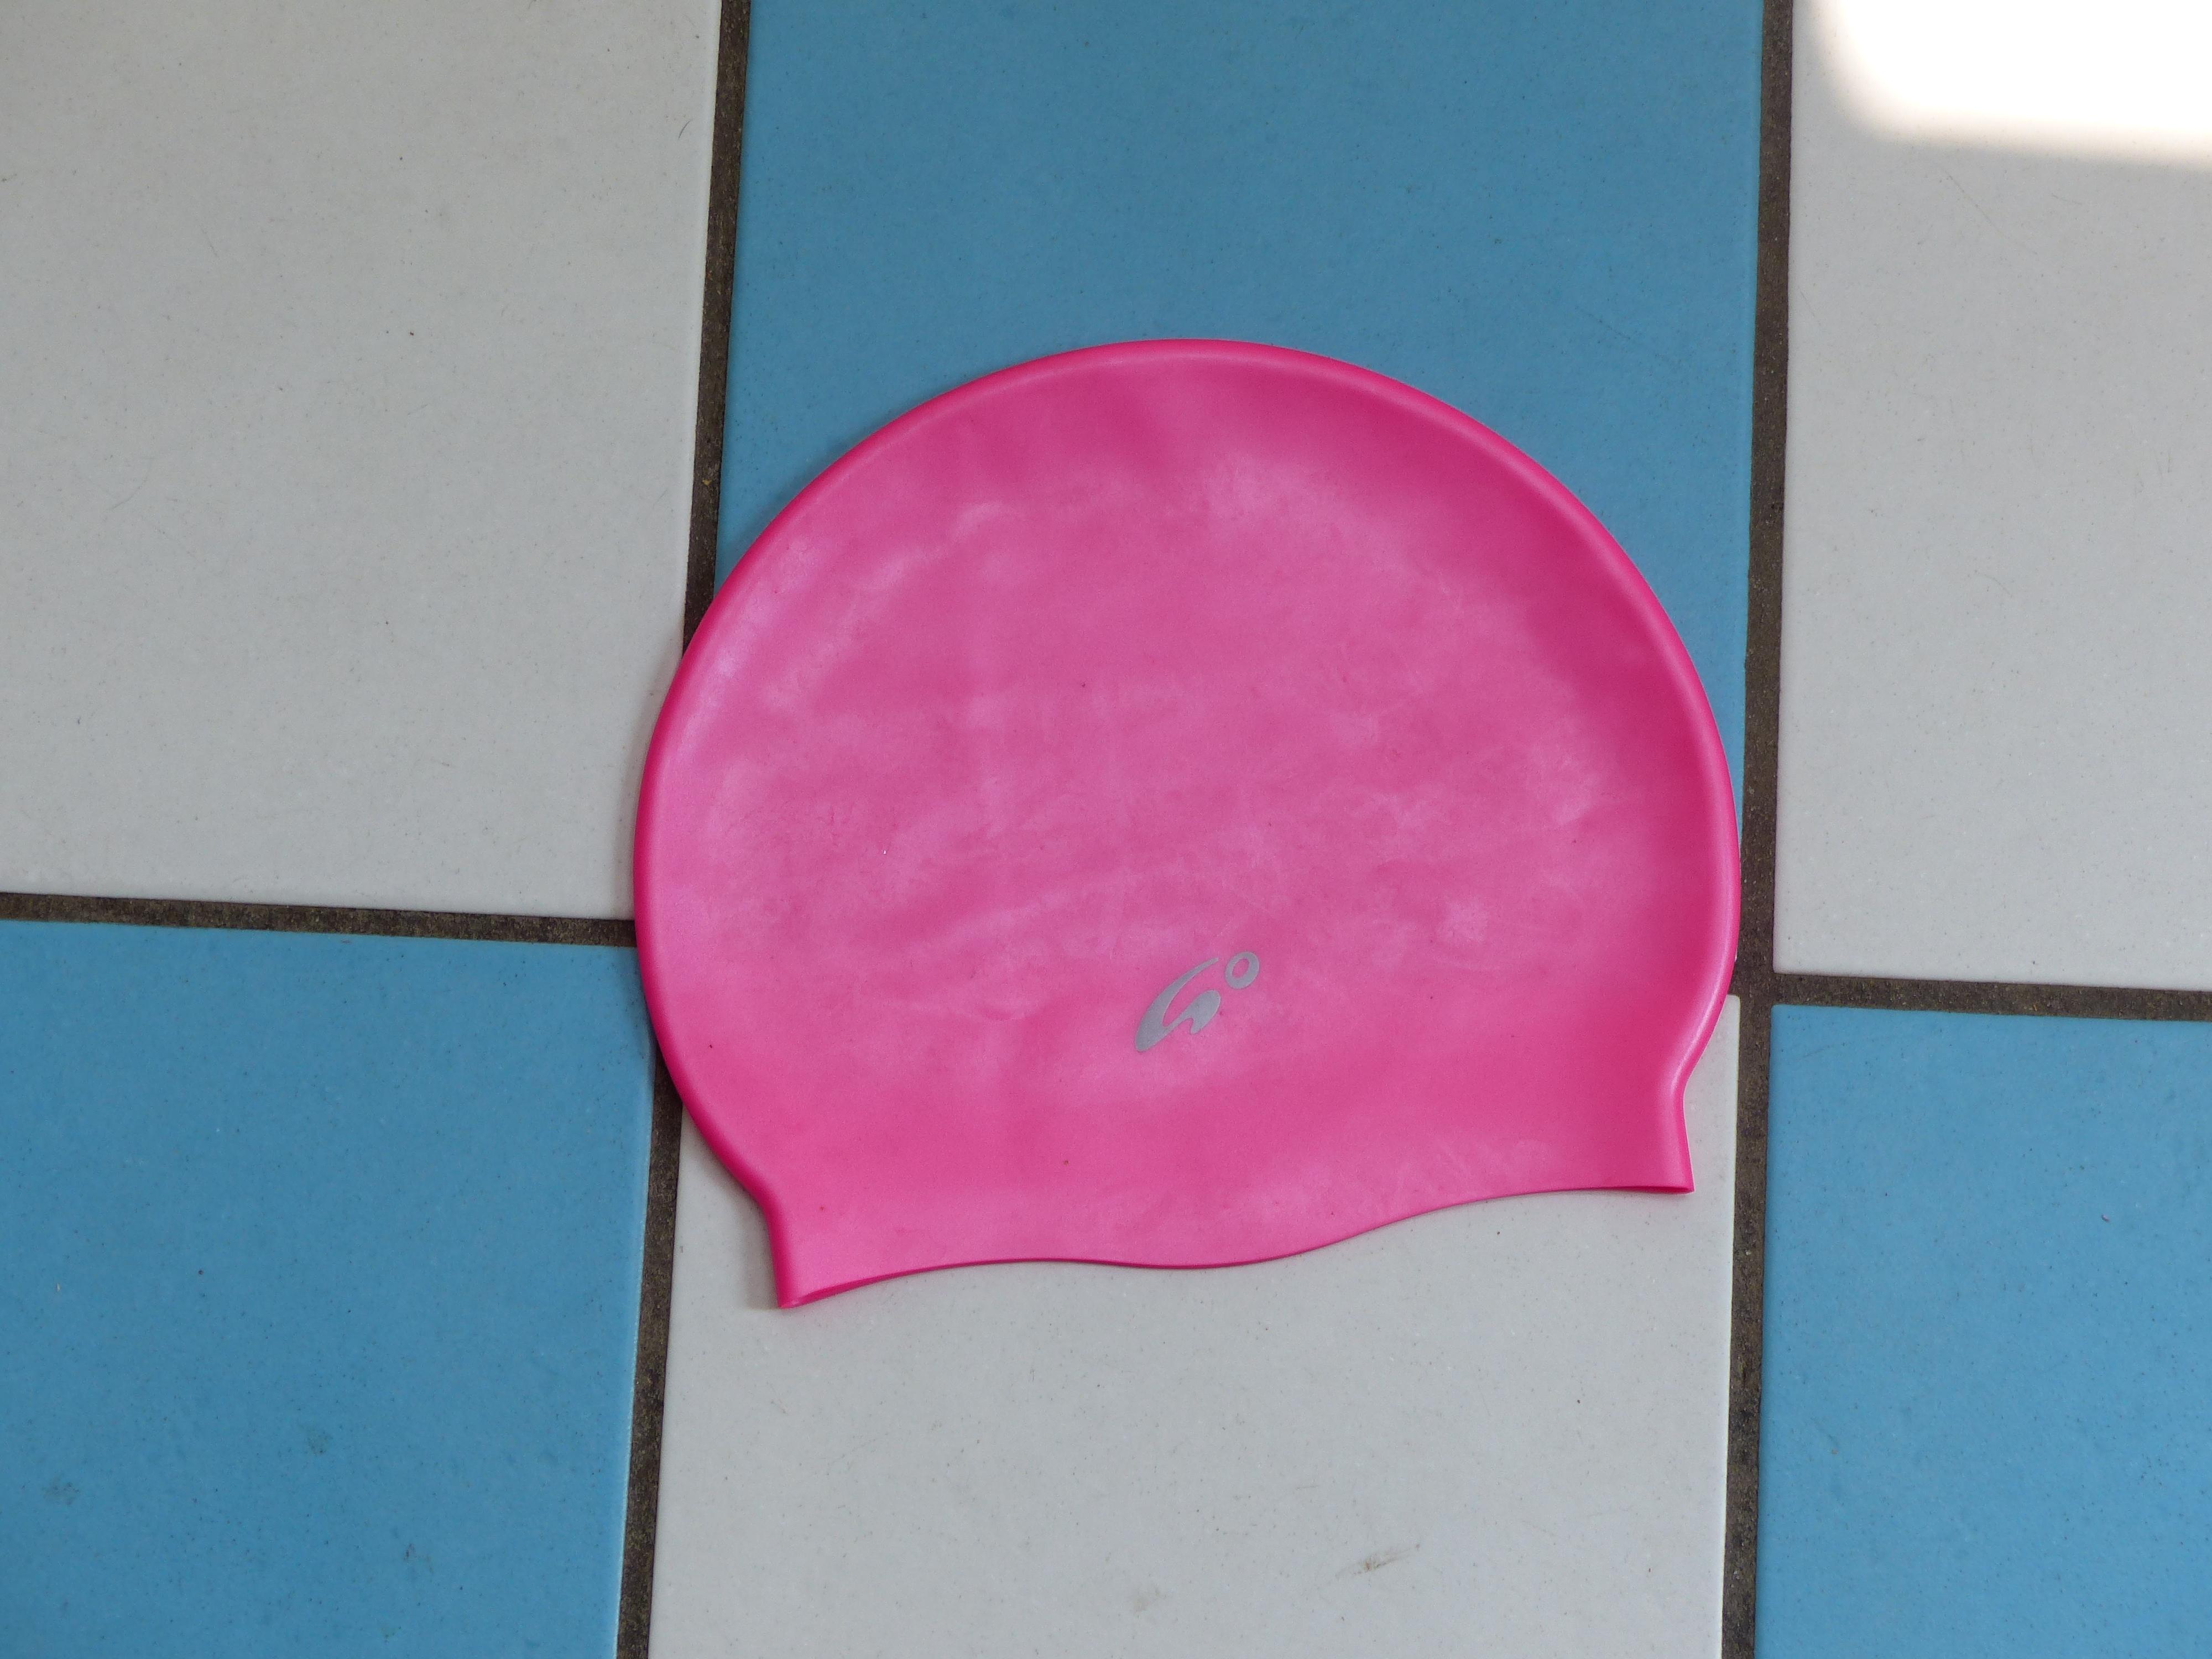 troc de troc bonnet piscine enfant image 0